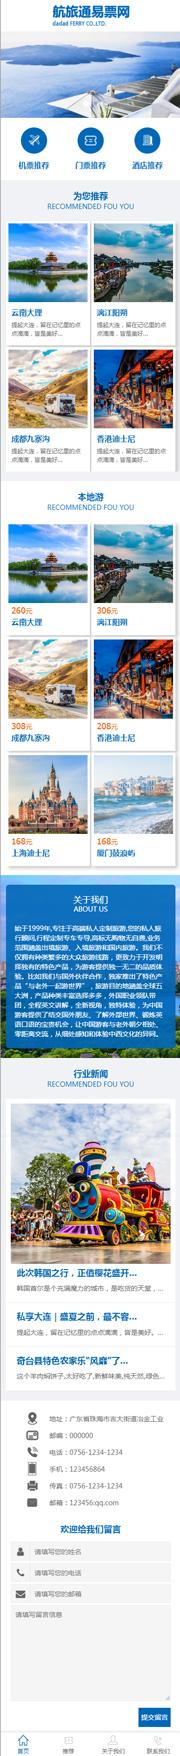 航旅通易票网小程序模板